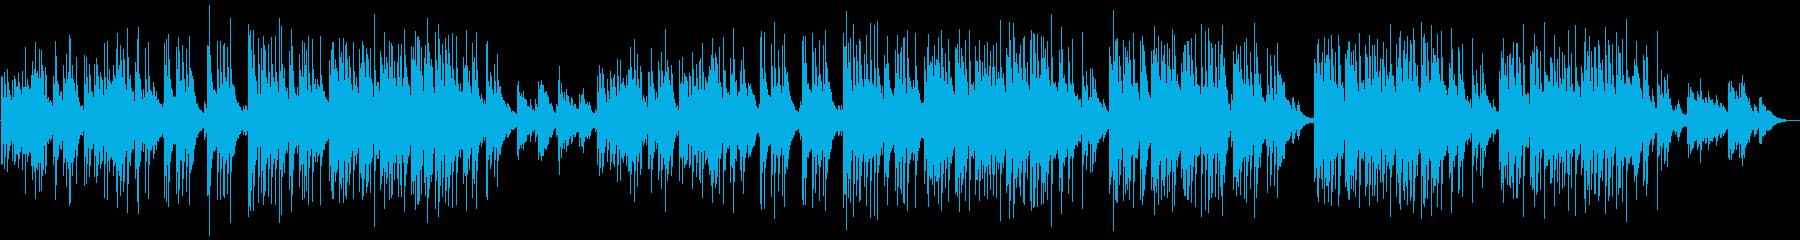 ゆったりしたほのぼのバラードBGMの再生済みの波形